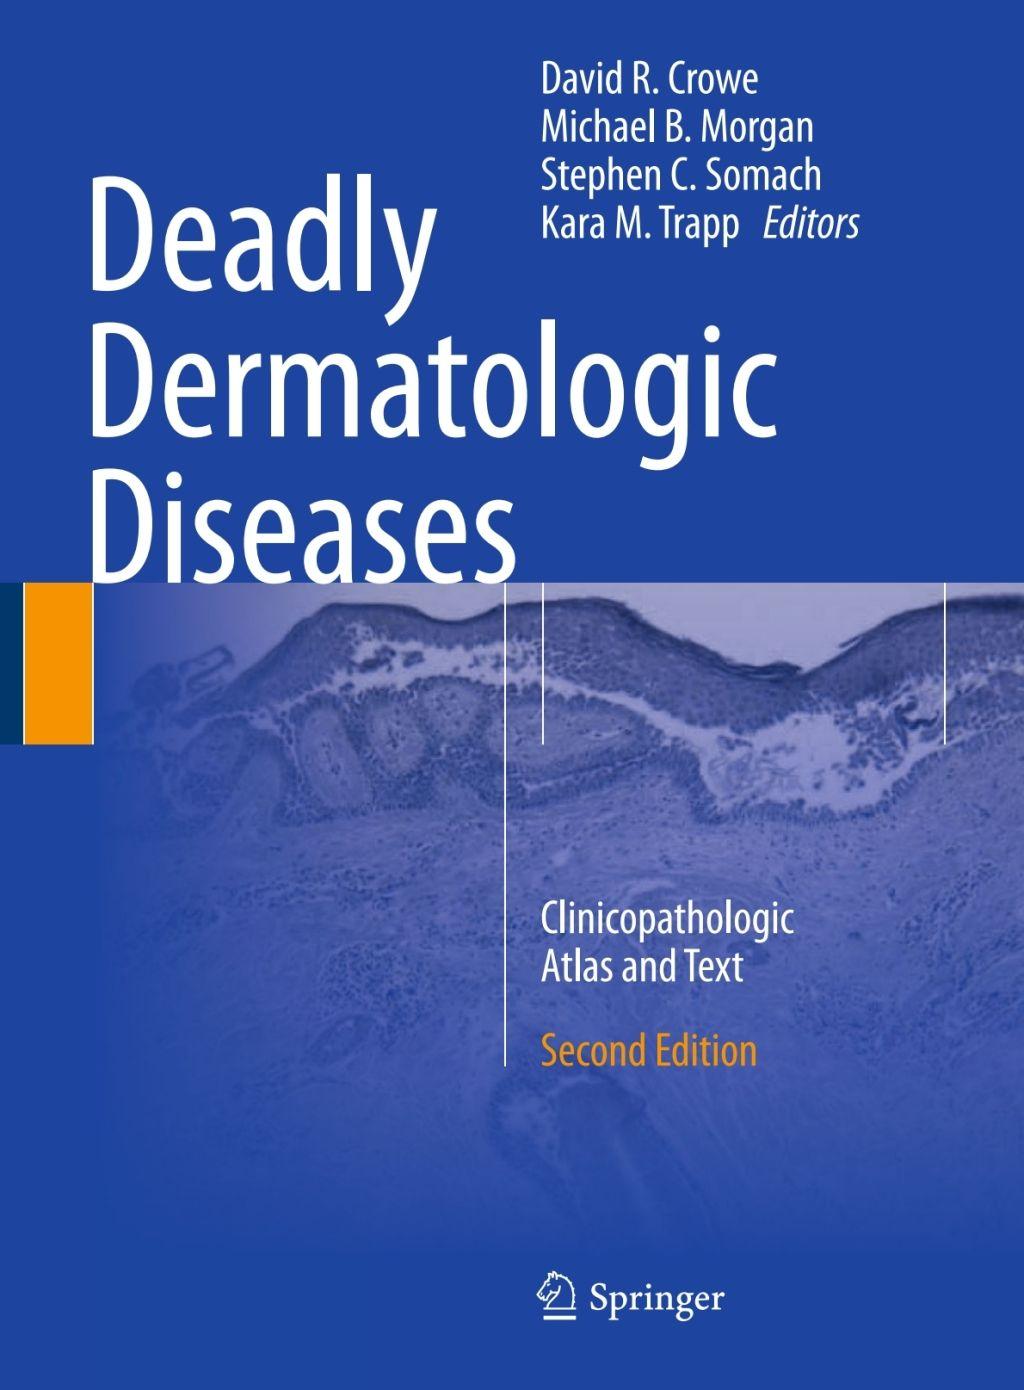 Deadly Dermatologic Diseases (eBook) Texts, Emergency